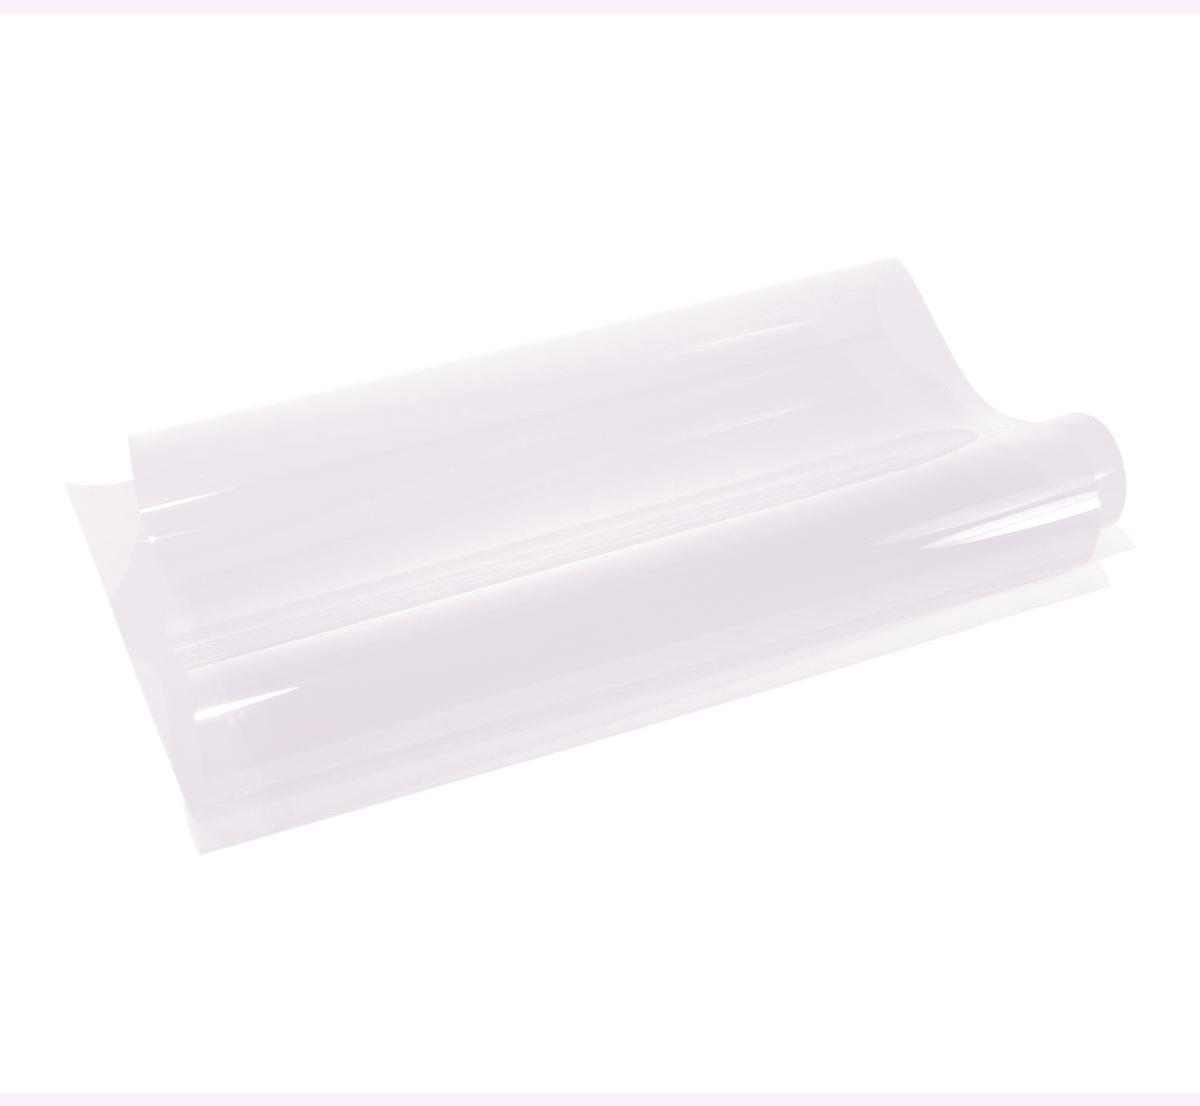 An image of 003 Lavender Tint Lighting Gel Sheet